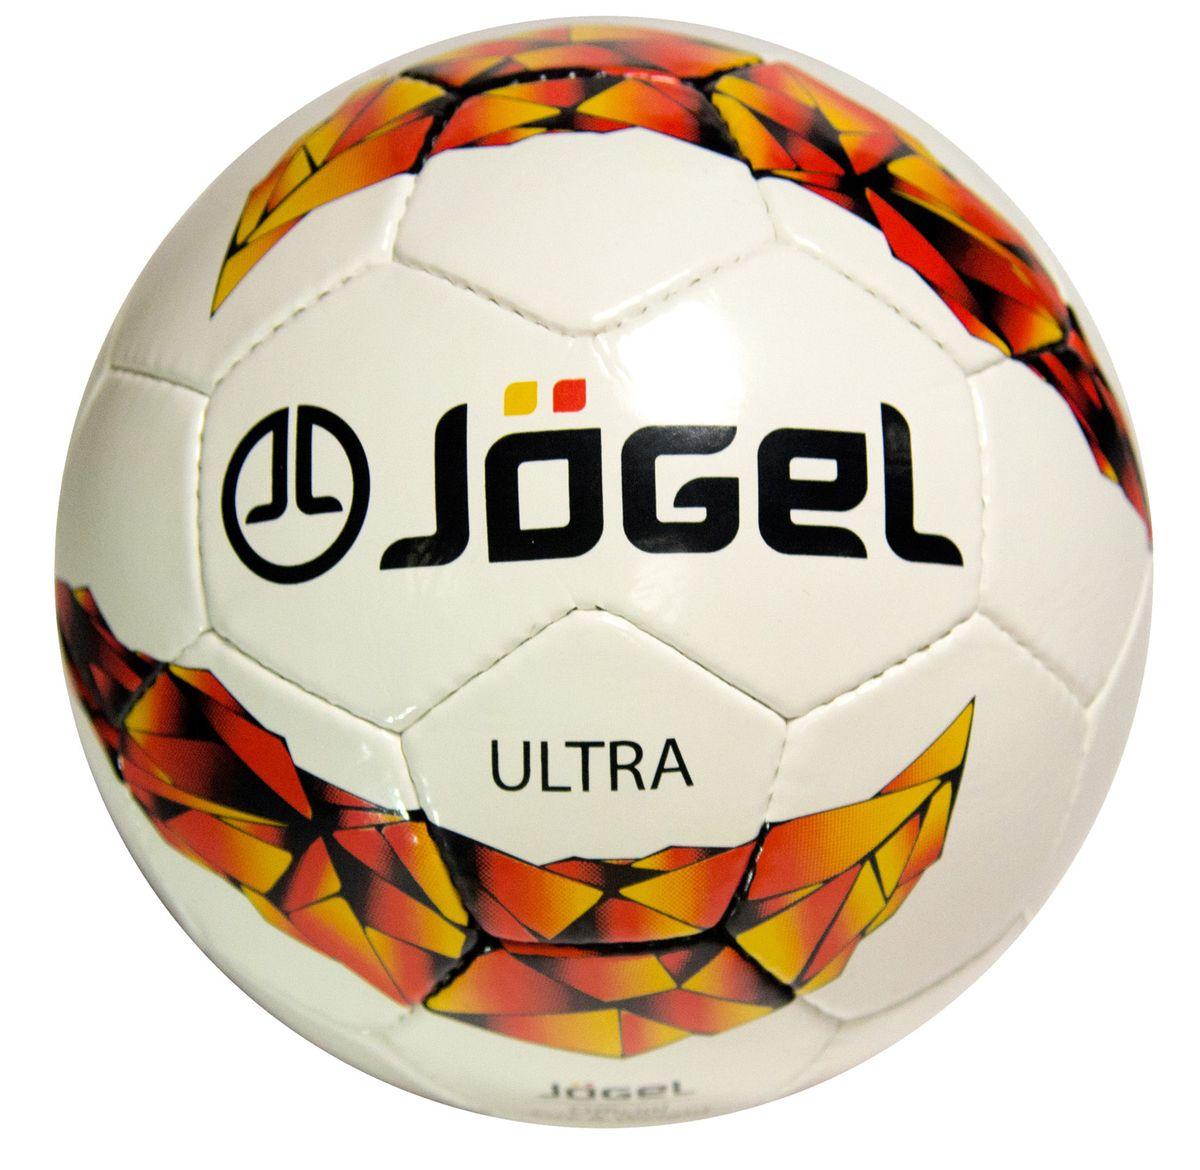 Мяч футбольный Jogel Ultra, цвет: белый, красный, оранжевый. Размер 5. JS-400УТ-00009471Популярный футбольный мяч Jogel JS-400 Ultra неприхотлив к игровым поверхностям. Мяч предназначен для любительских игр и тренировок любительских команд.Покрышка мяча изготовлена из качественной синтетической кожи (поливинилхлорид), толщина которой составляет 1.1 мм. Мяч имеет 4 подкладочных слоя на нетканой основе из смеси хлопка и полиэстера. Использование латексной камеры с бутиловым ниппелем обеспечивает долгое сохранение воздуха в камере. Мяч не рекомендован для игры при низких температурах (ниже +5°С).Вес: 410-450 гр.Длина окружности: 68-70 см.Рекомендованное давление: 0.6-0.8 бар.УВАЖАЕМЫЕ КЛИЕНТЫ!Обращаем ваше внимание на тот факт, что мяч поставляется в сдутом виде. Насос в комплект не входит.